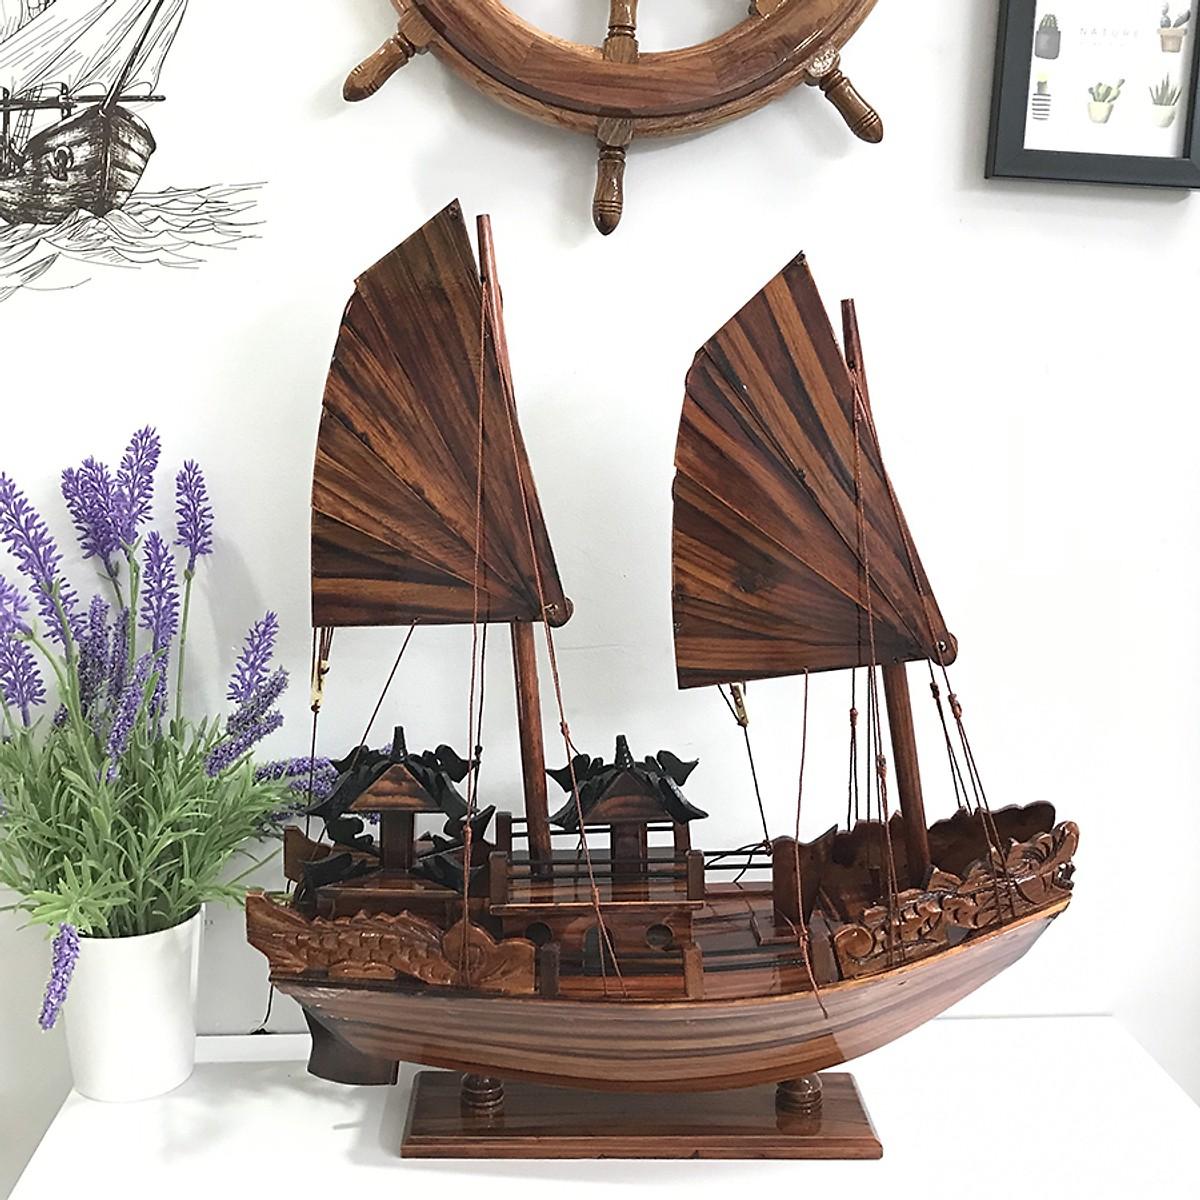 Mô hình thuyền gỗ trang trí Hạ Long Rồng - thân tàu 40cm